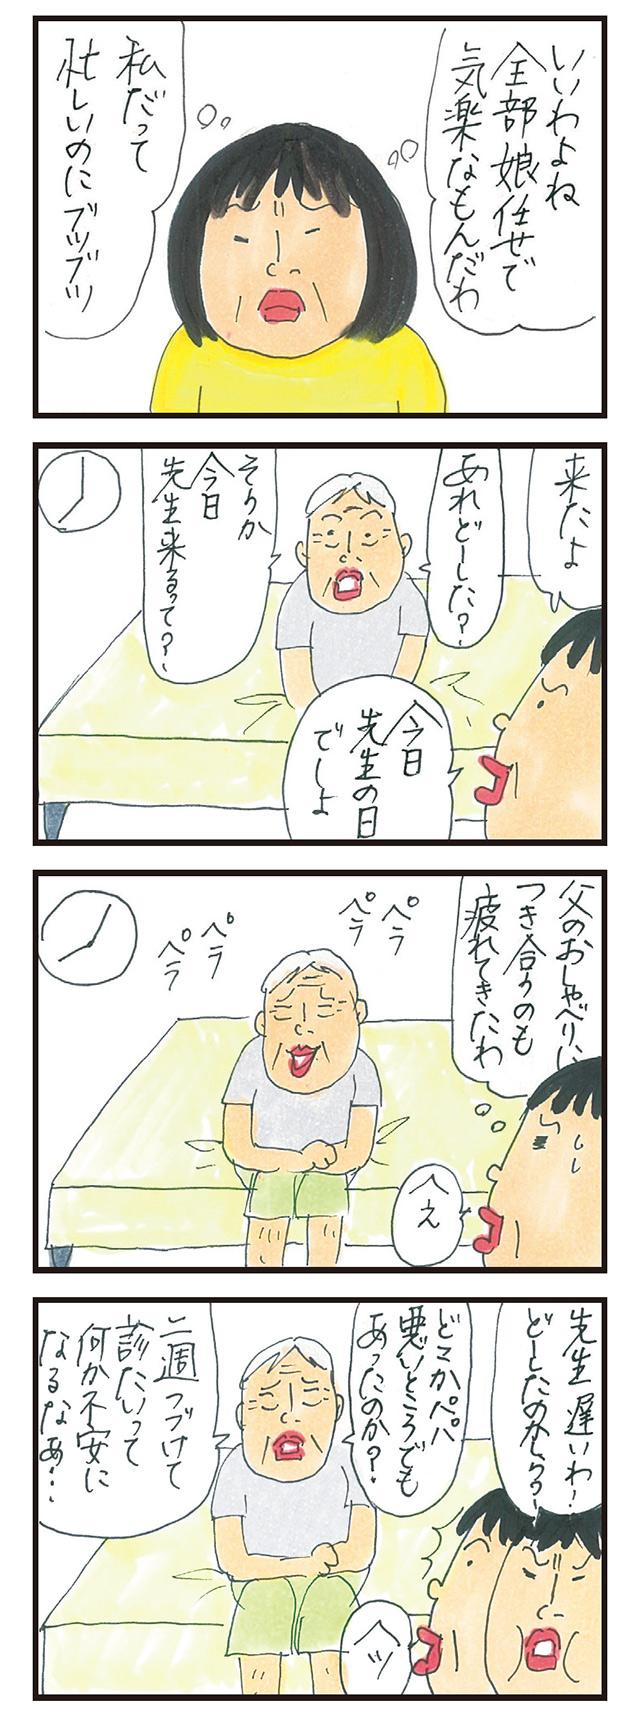 katan_6-2.jpg